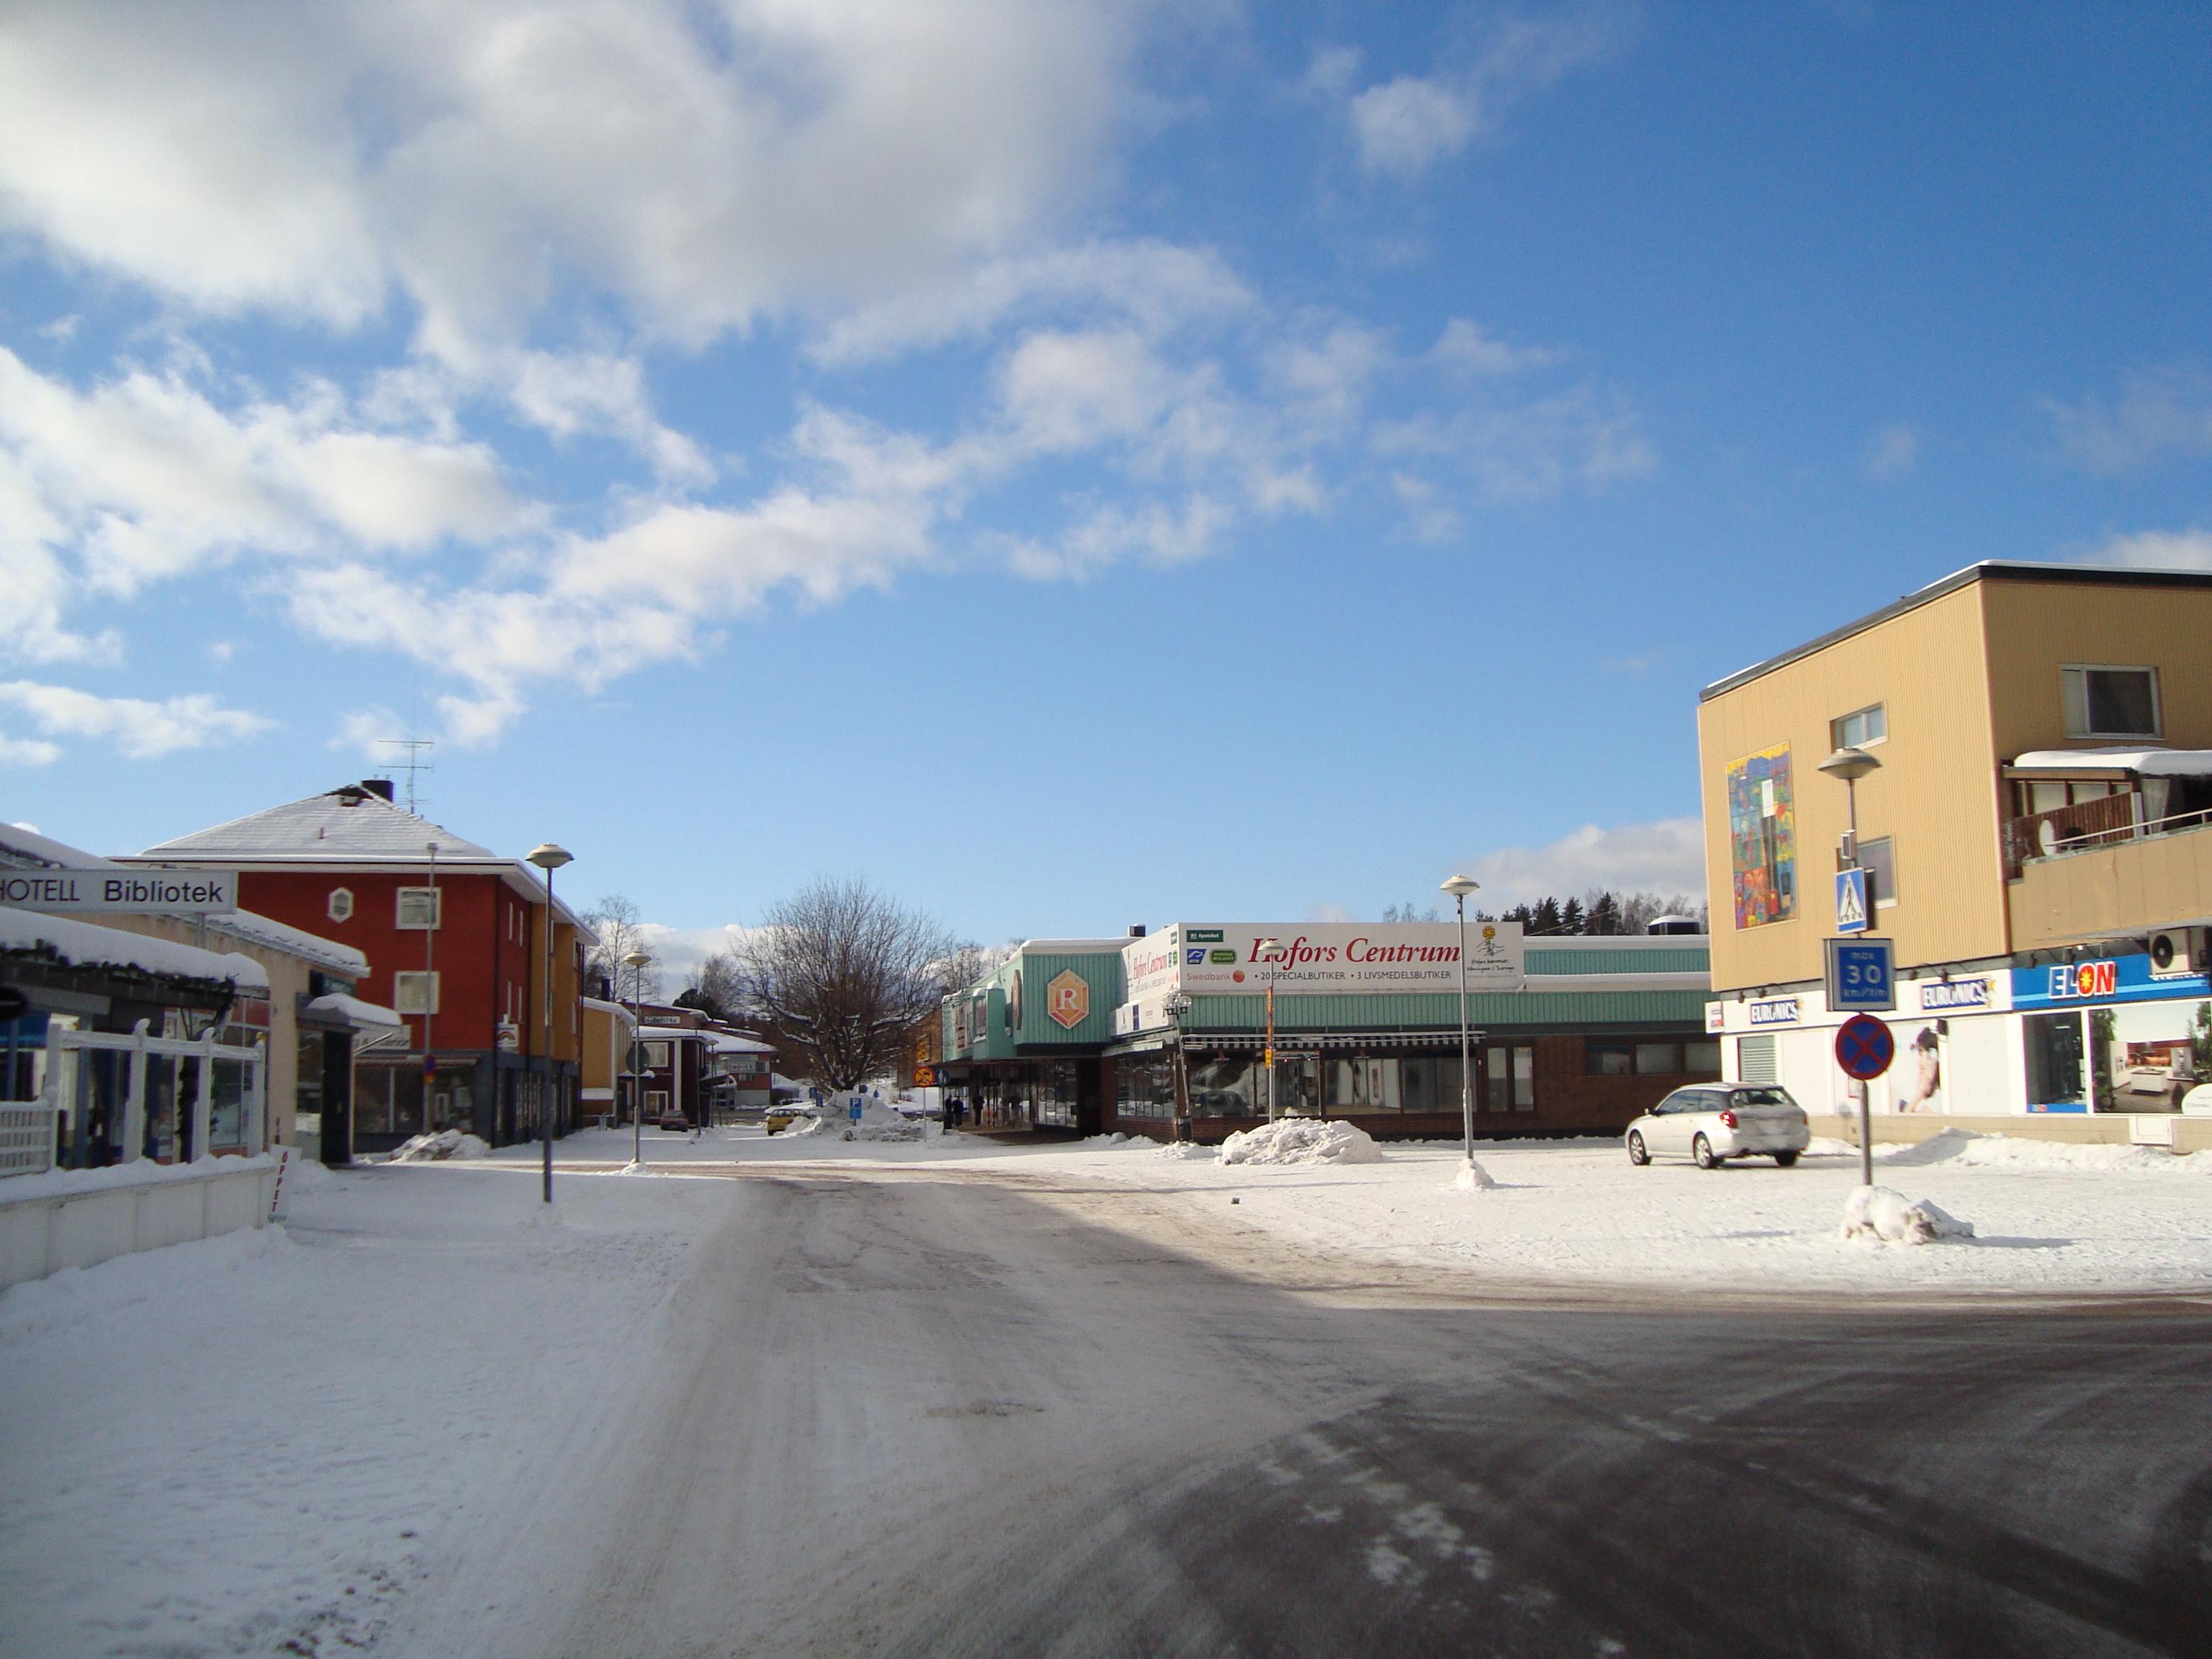 Lindqvist - Offentliga medlemsfoton och skannade dokument